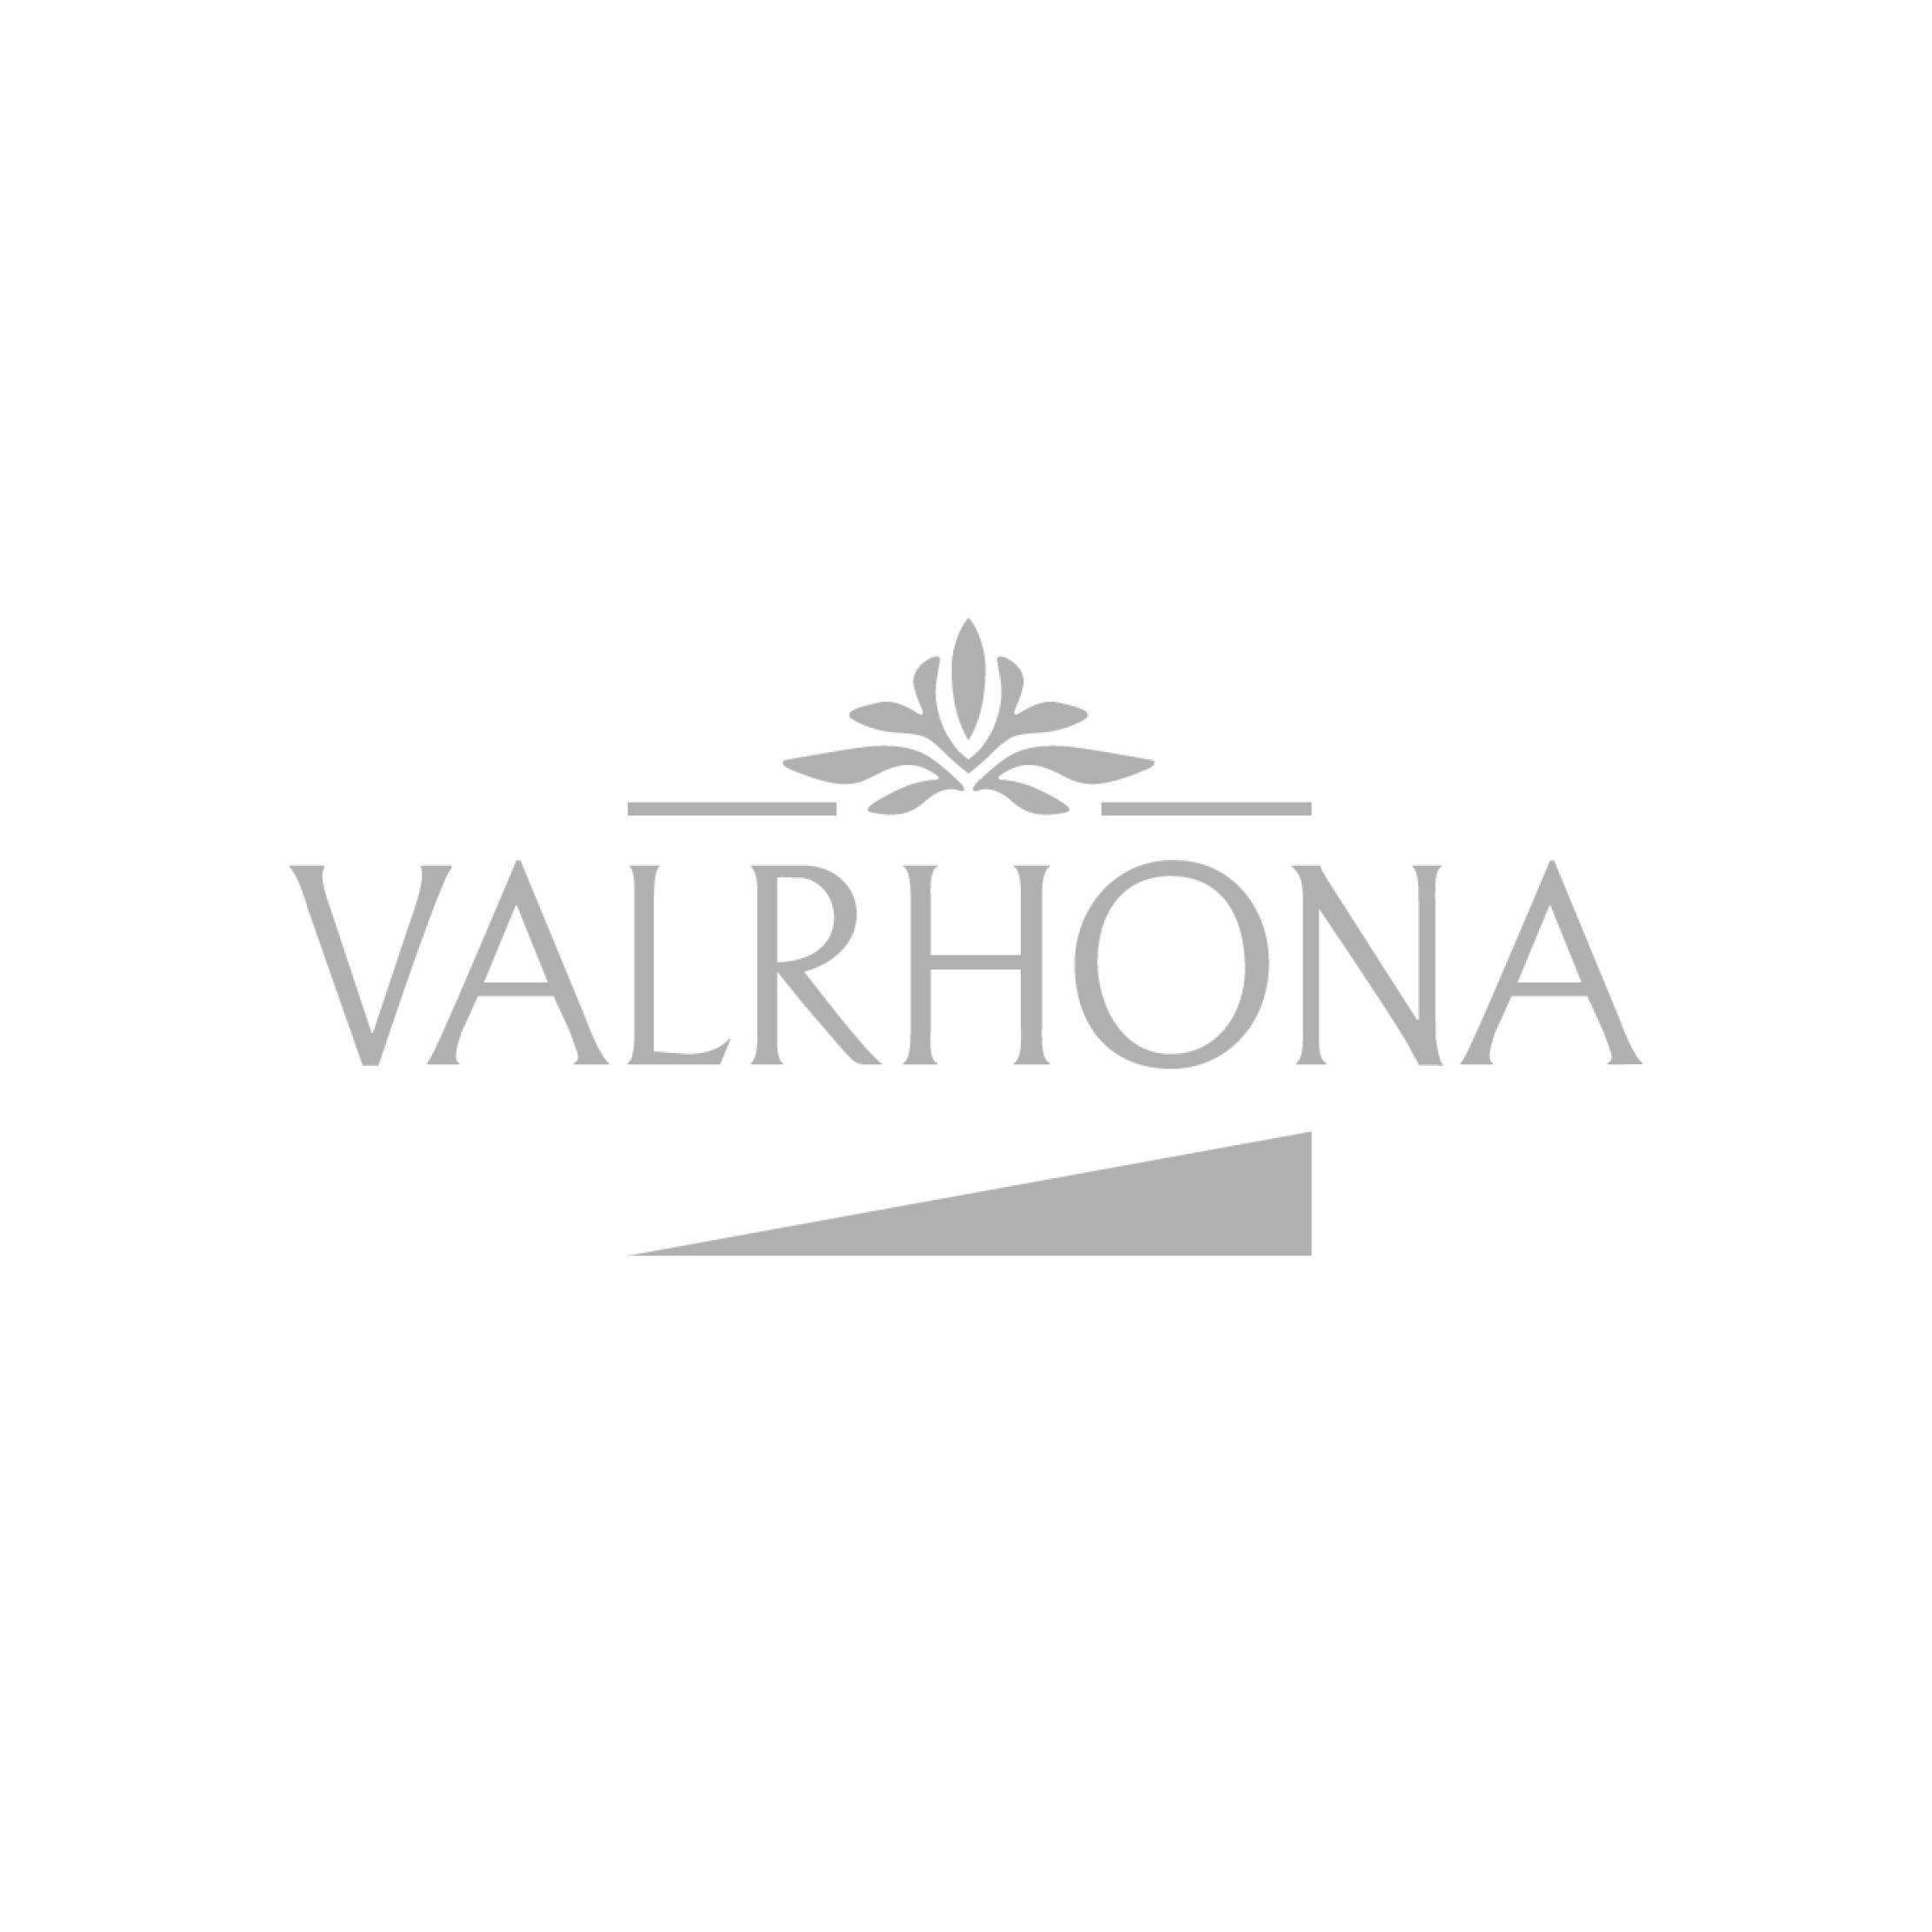 Evolution_Valrhona_Logo.png